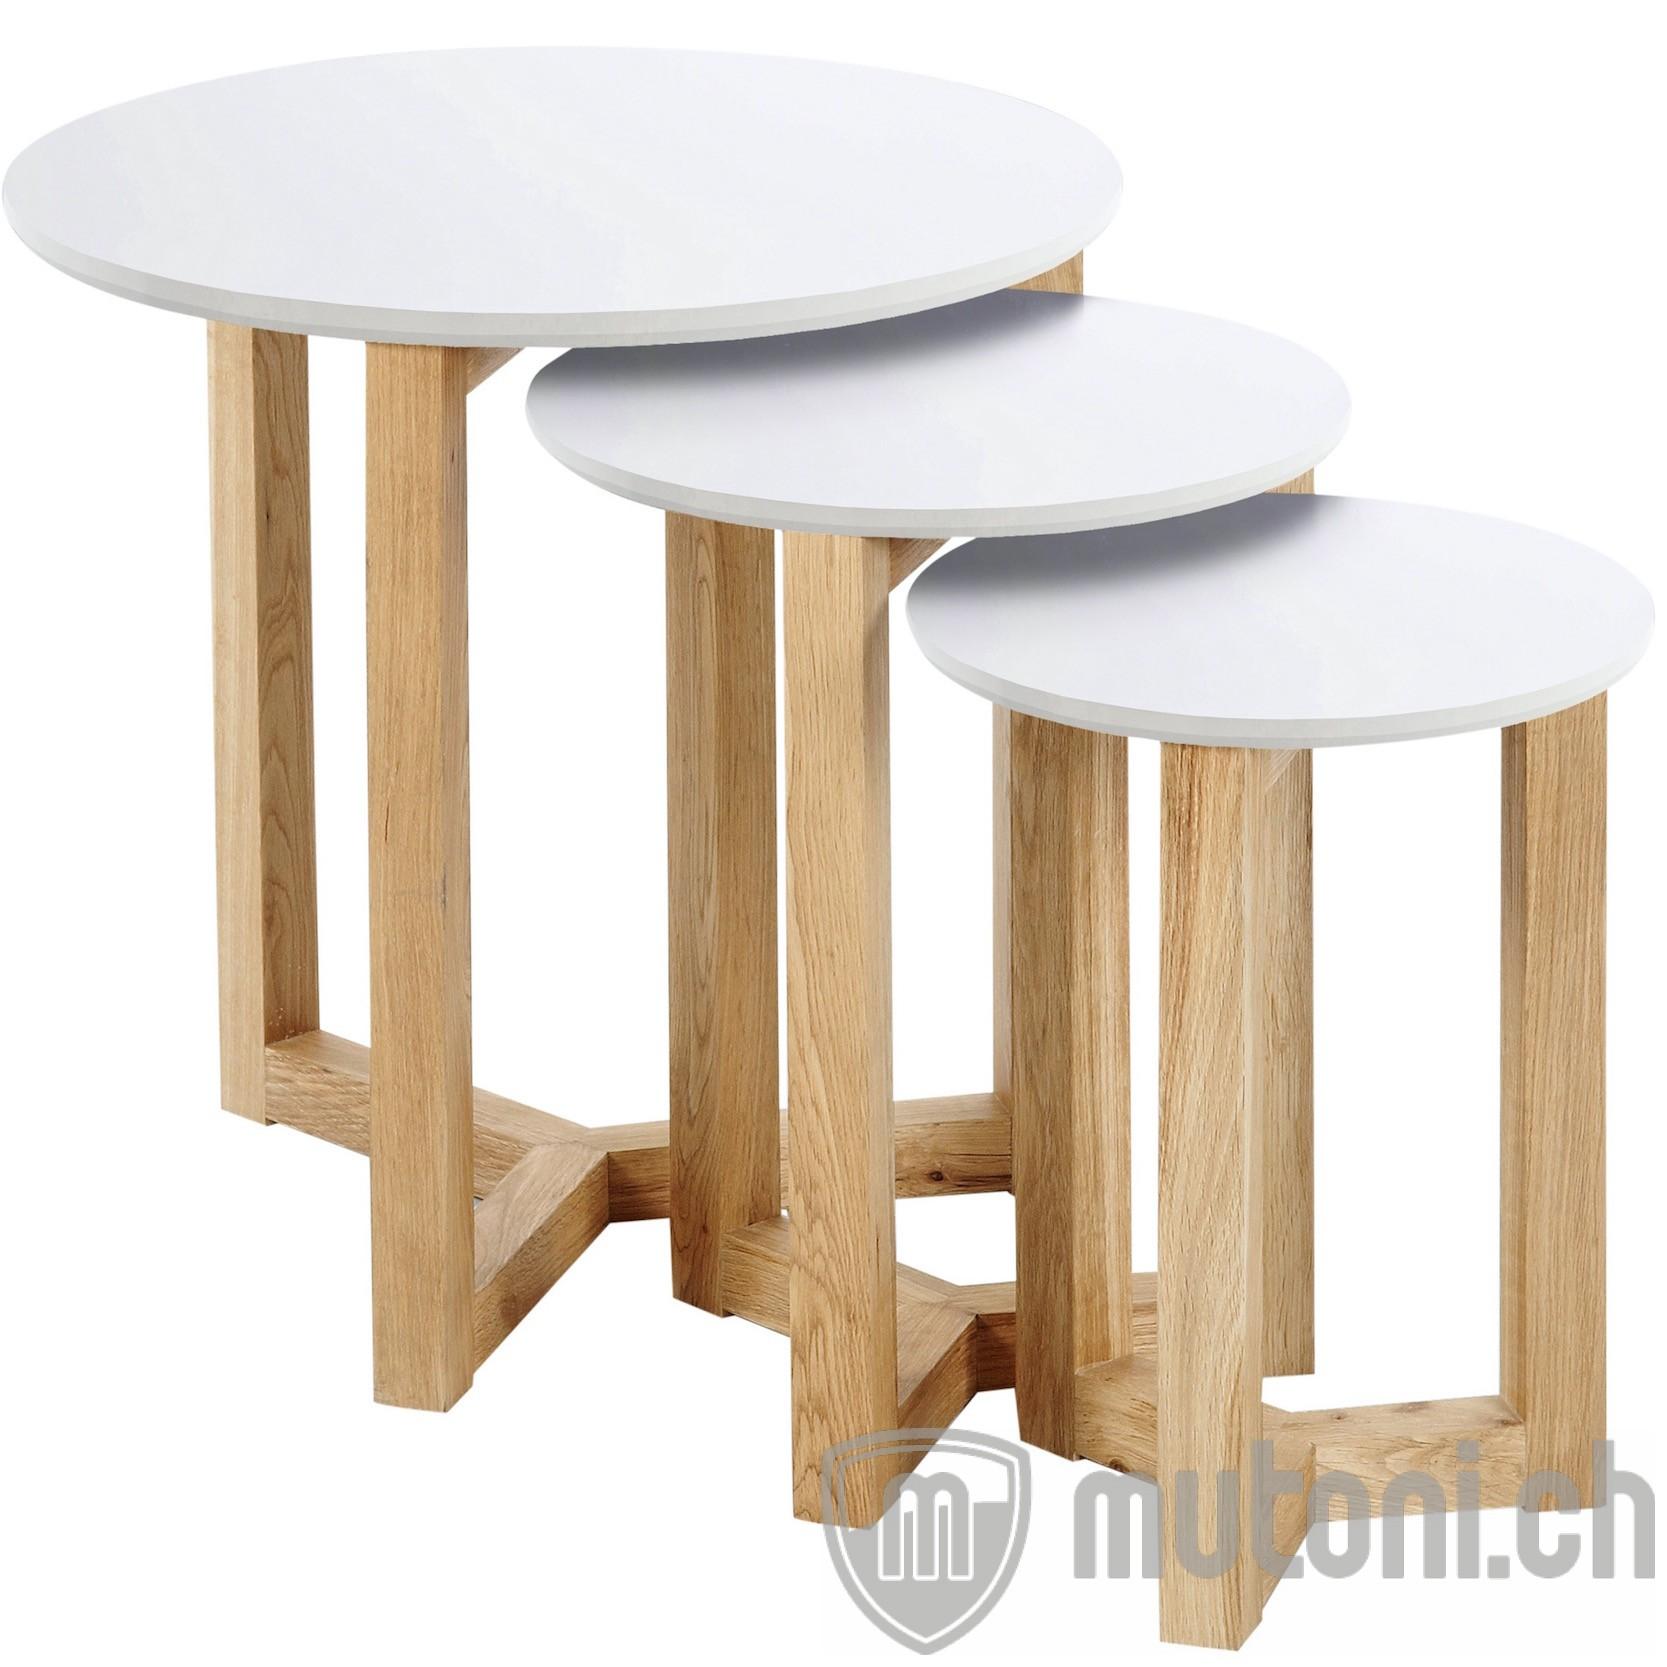 beistelltisch kyoto 3er set mutoni design mutoni m bel. Black Bedroom Furniture Sets. Home Design Ideas